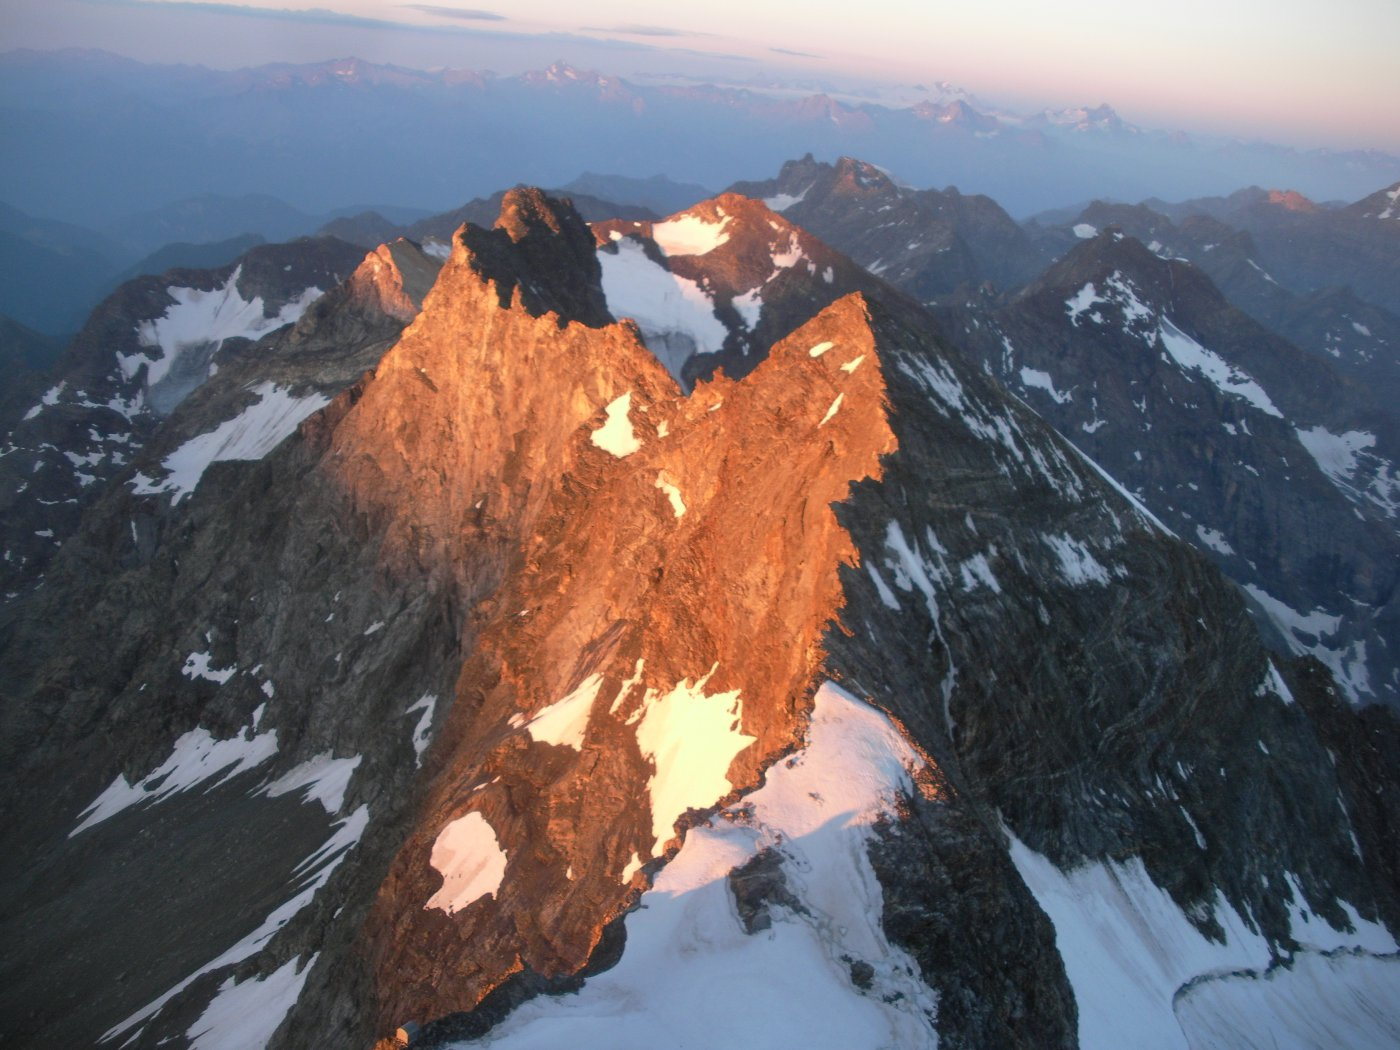 le Petit Murailles dalla cresta sud ai Jumeaux..alle prime luci dell'alba..